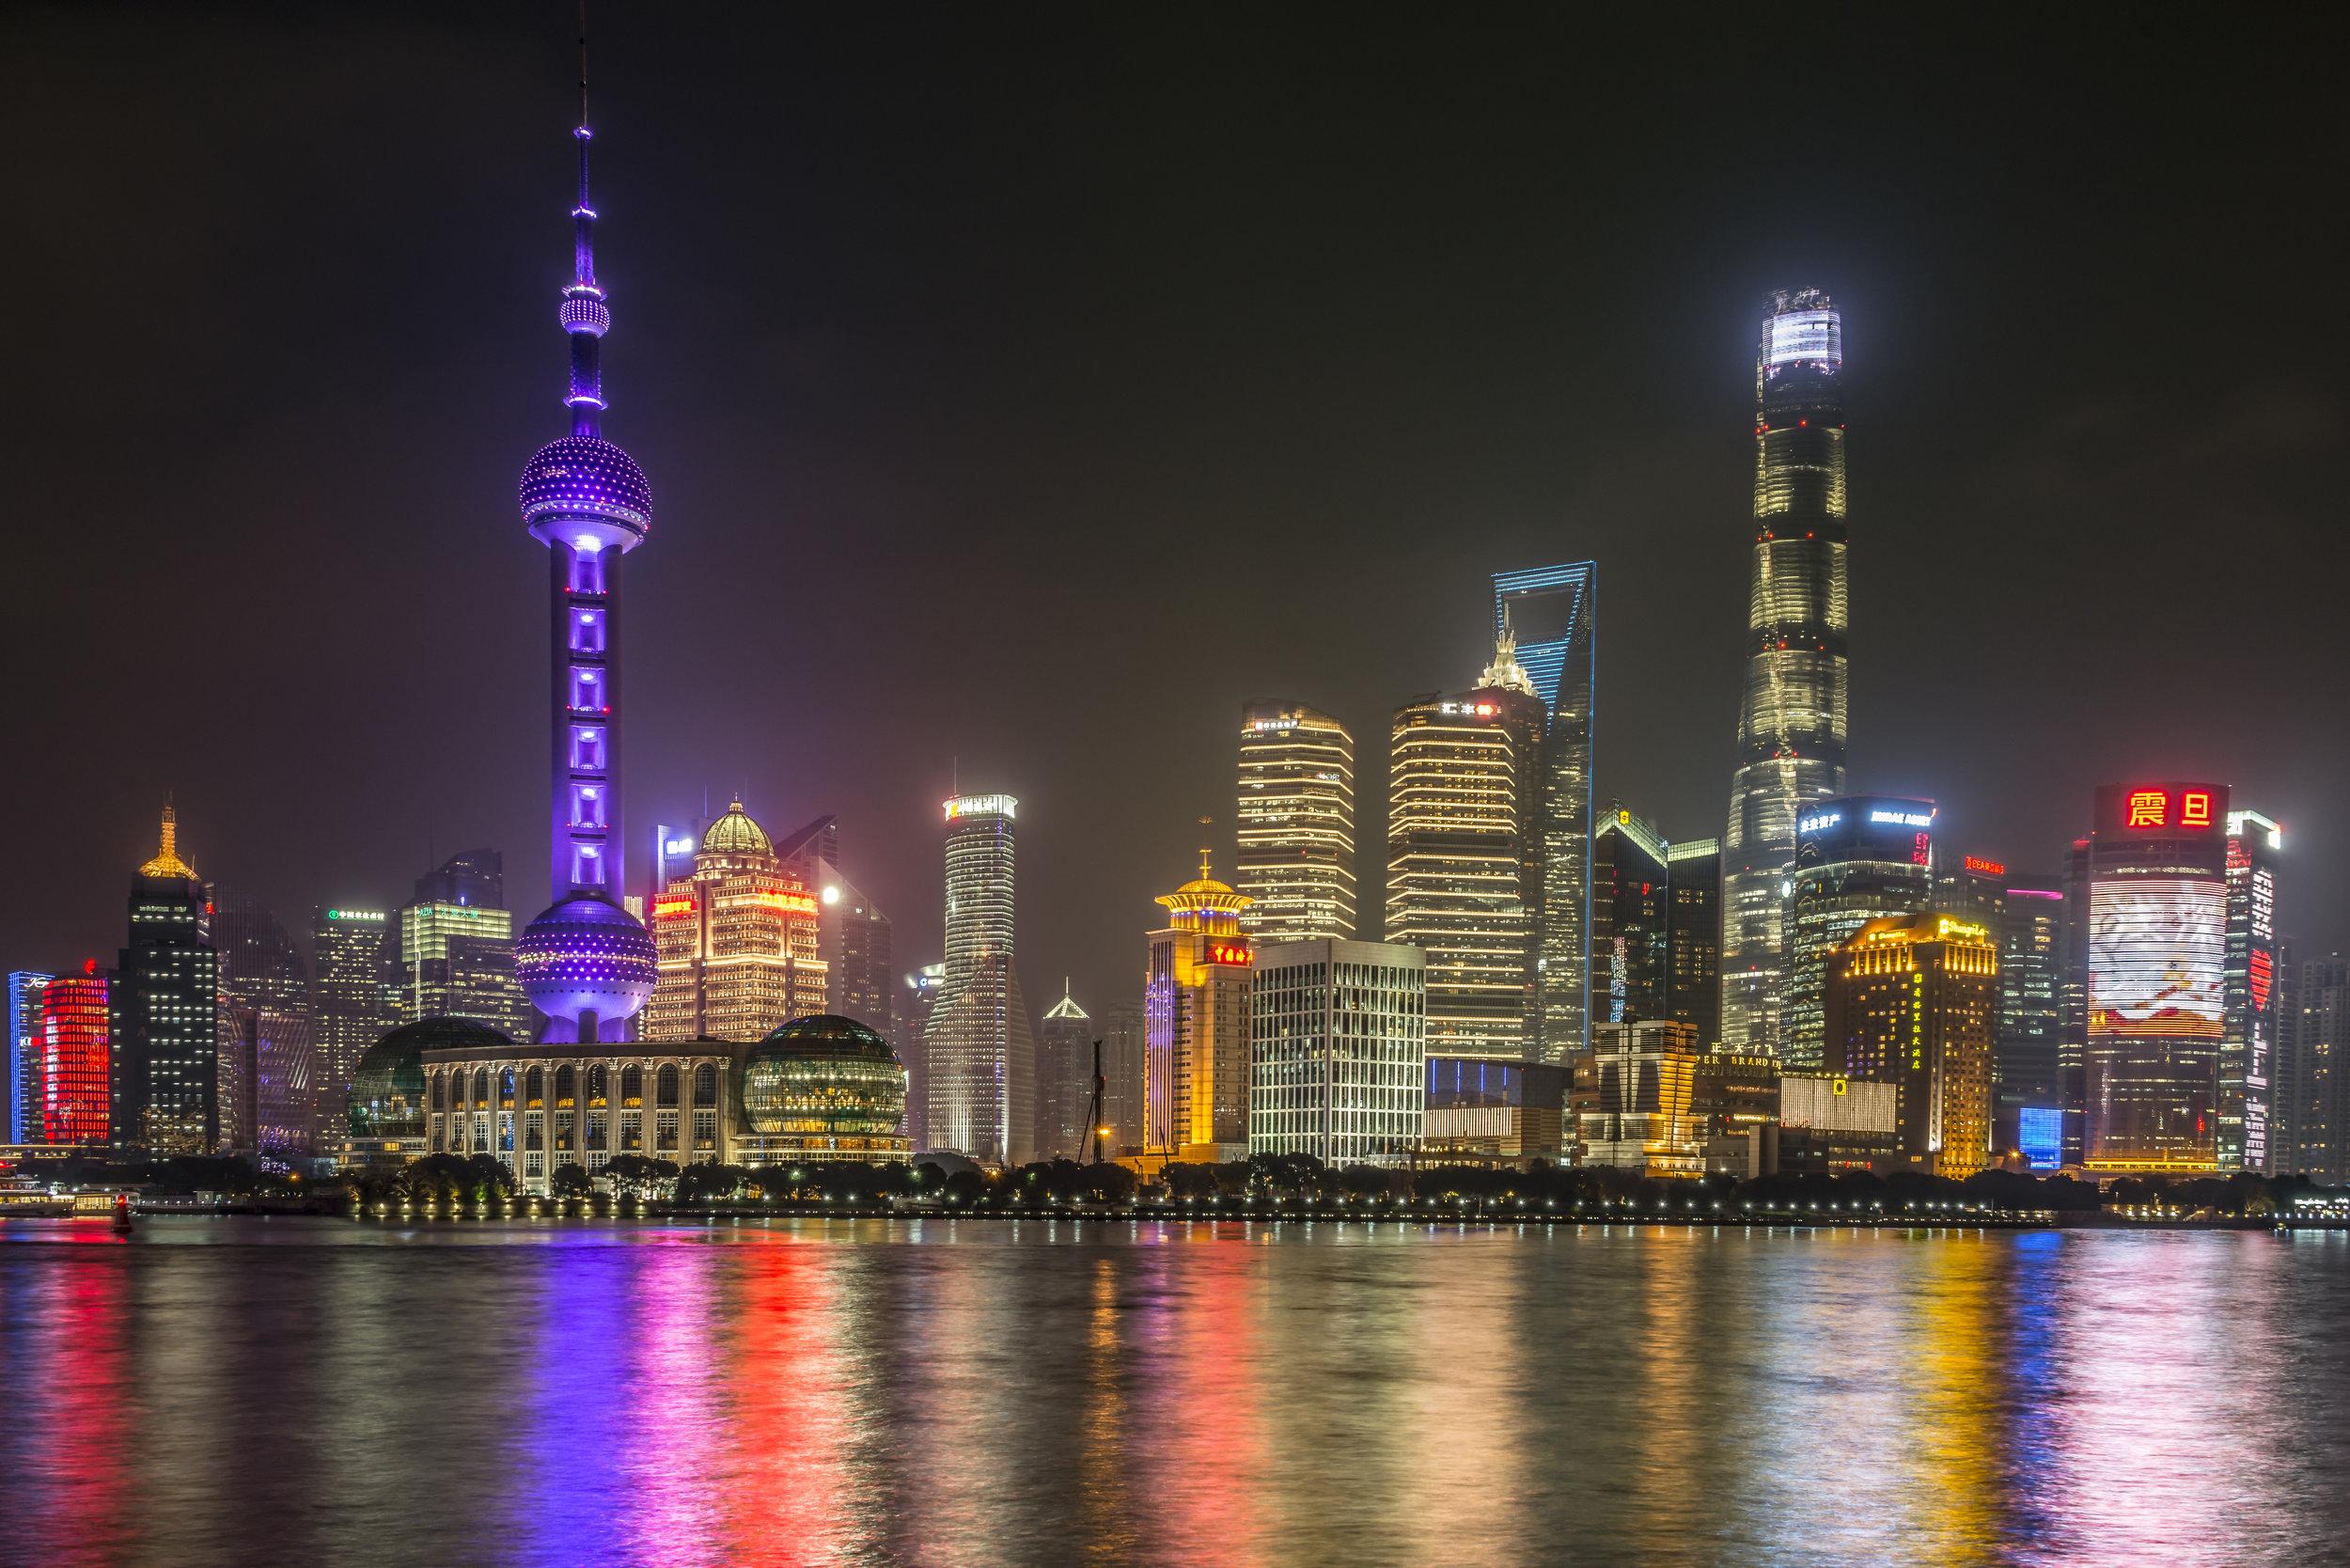 PudongNight.jpg